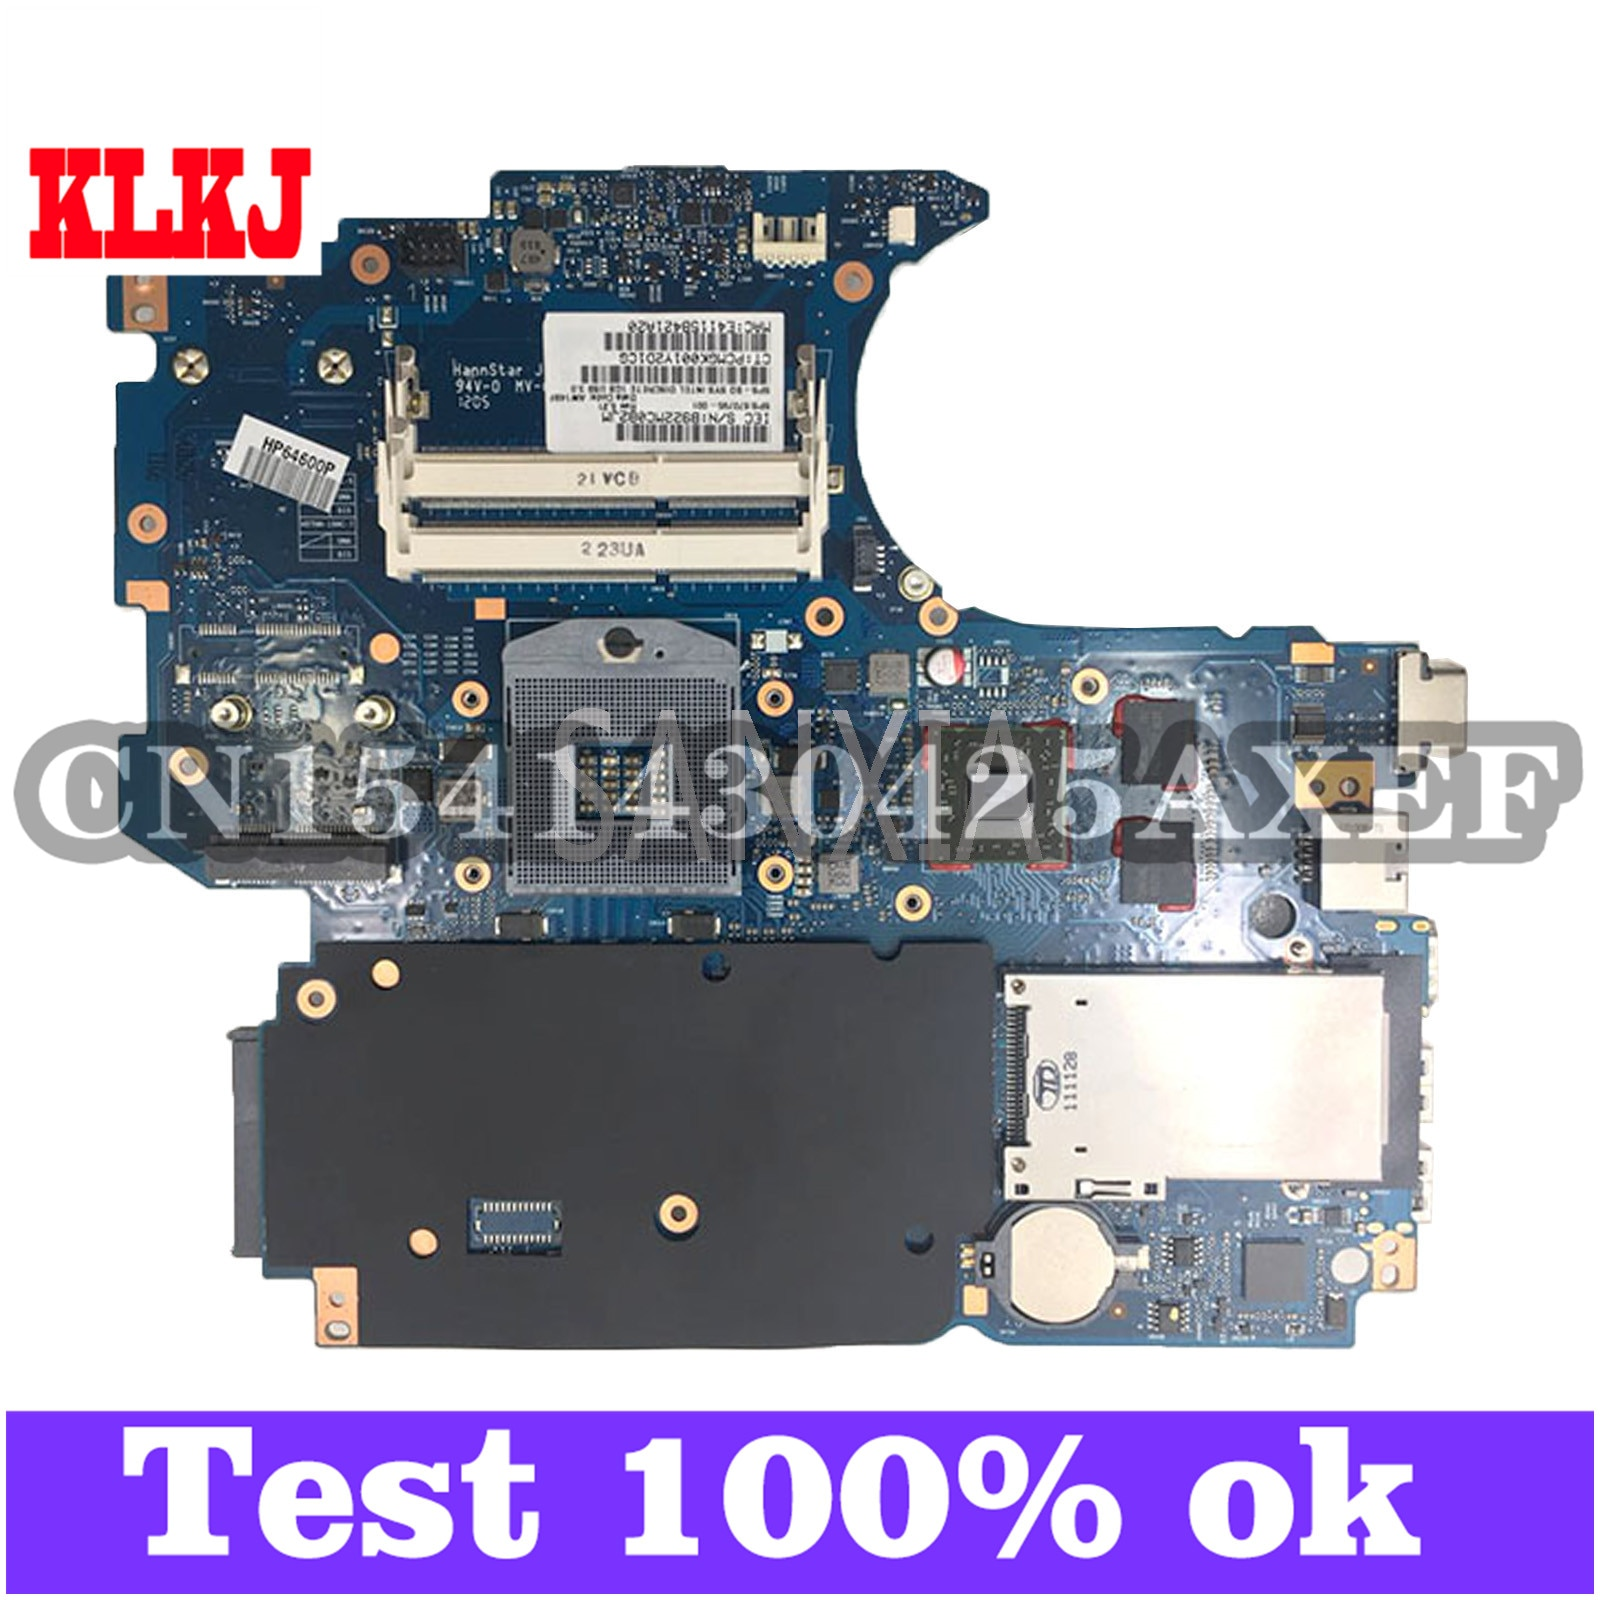 KLKJ 670795-001 لوحة رئيسية لأجهزة HP الكمبيوتر المحمول ProBook 4530s الأصلي